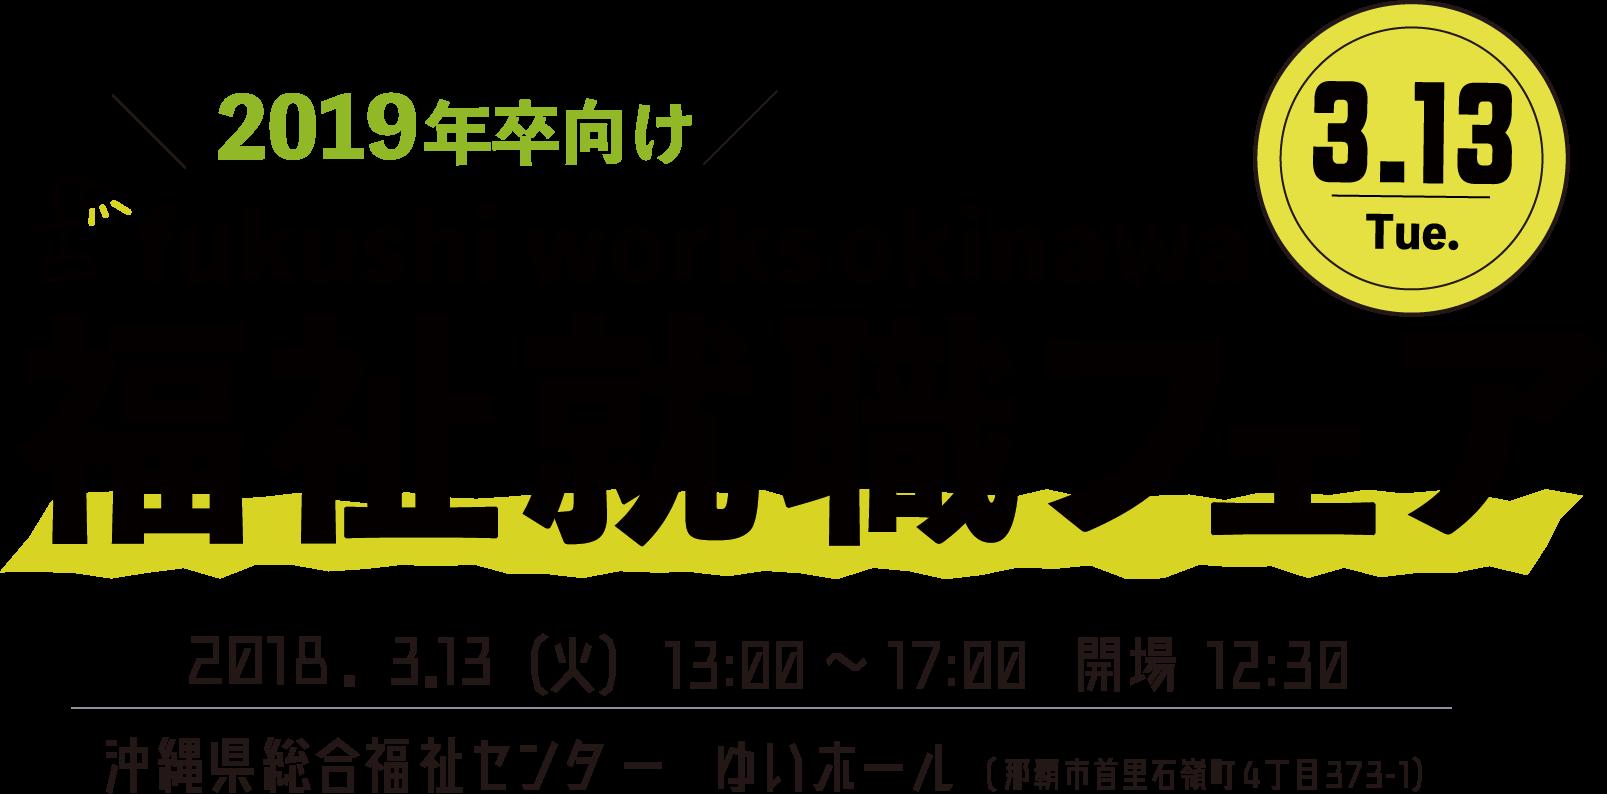 2019年卒向けfukushi works okinawa福祉就職フェア